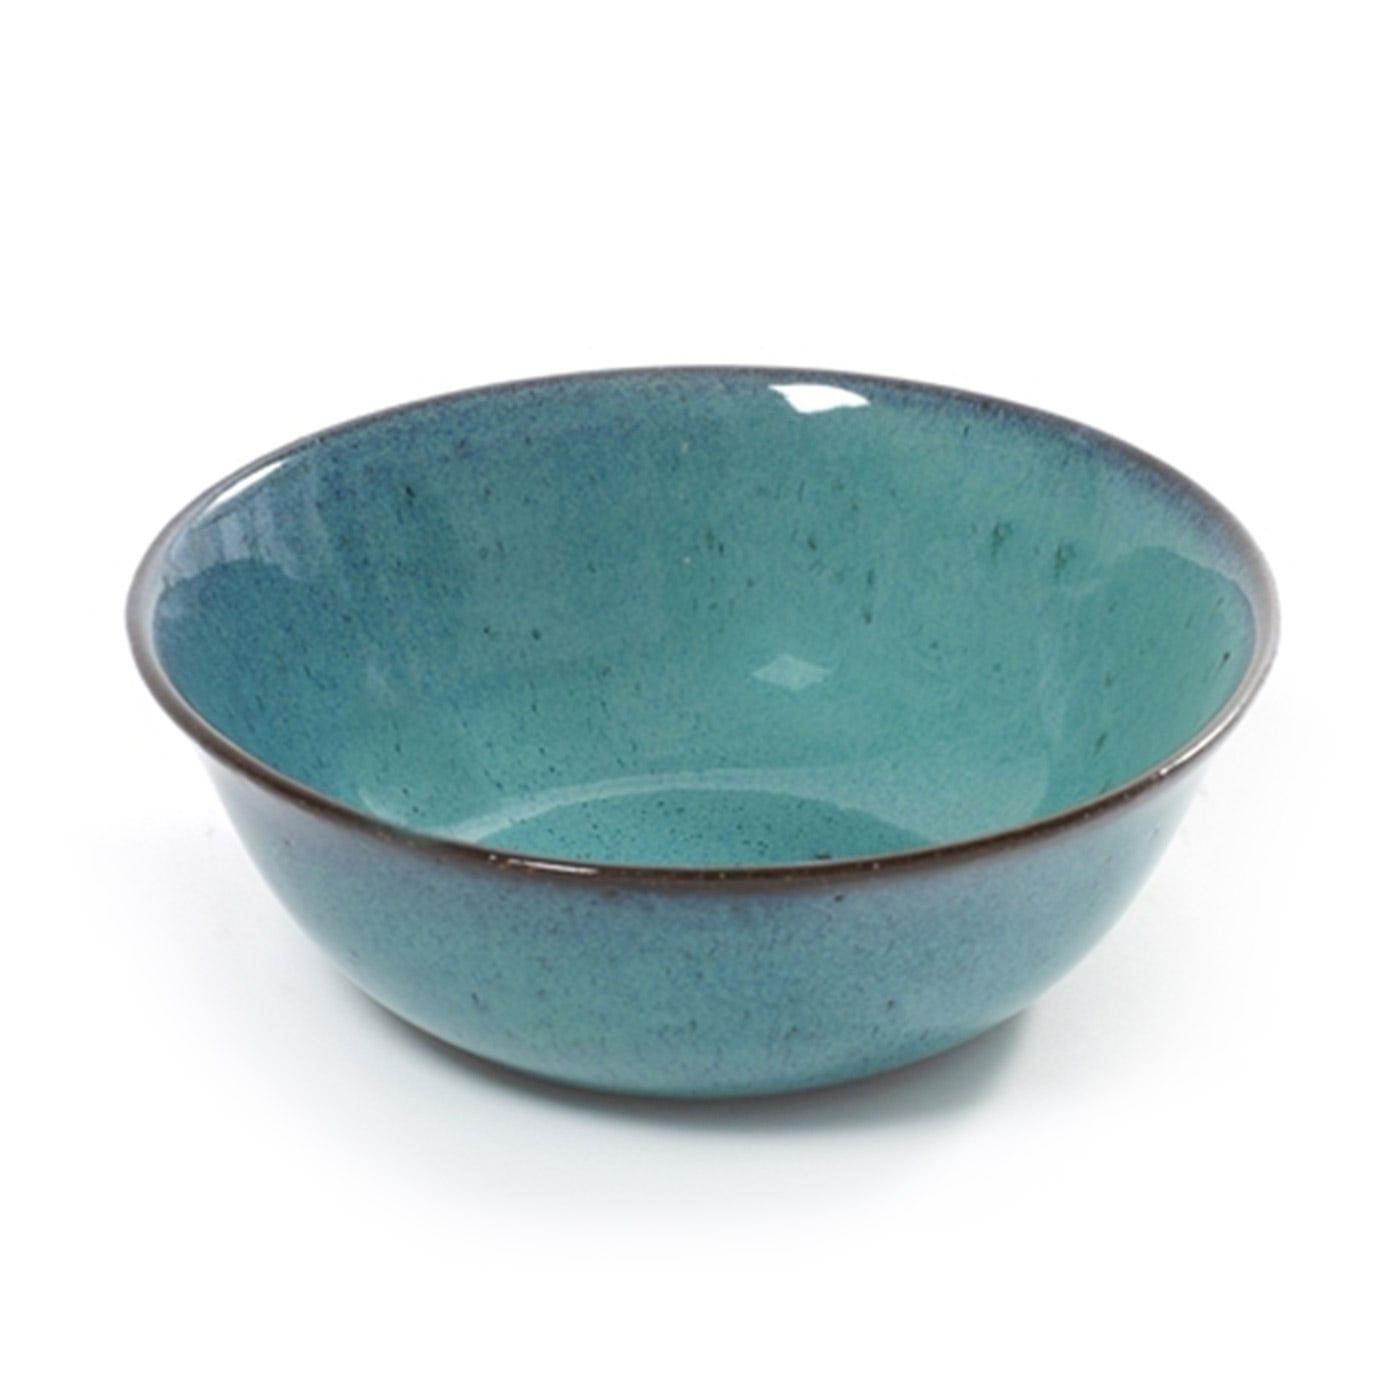 Serax Celadon Bowl Turquoise